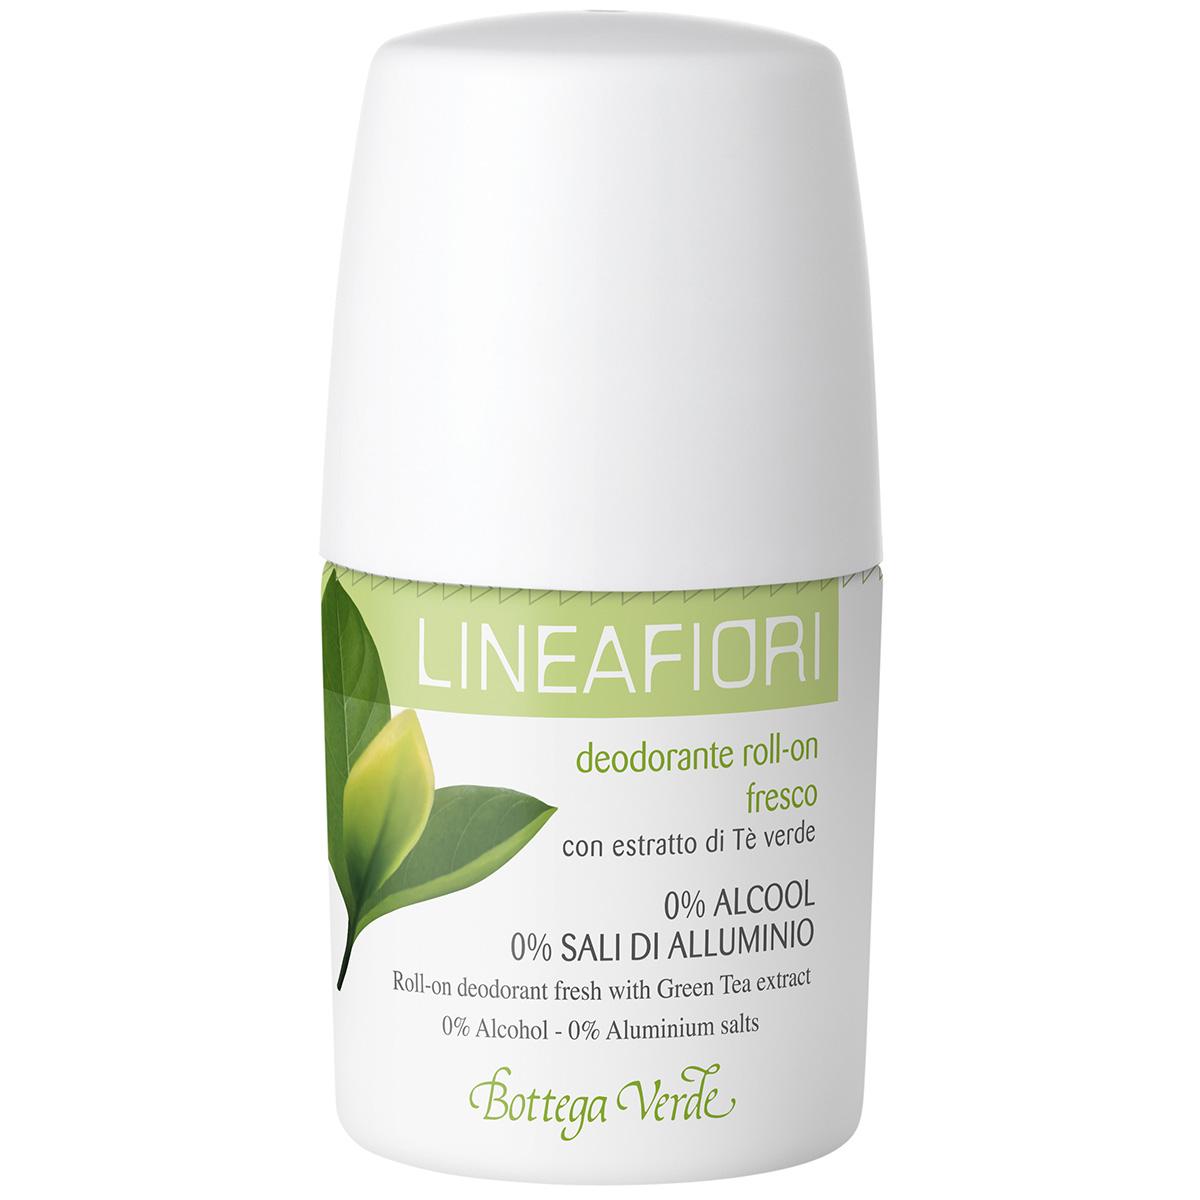 Linea Fiori - Deodorant Roll-on Cu Extract De Ceai Verde - Fresh